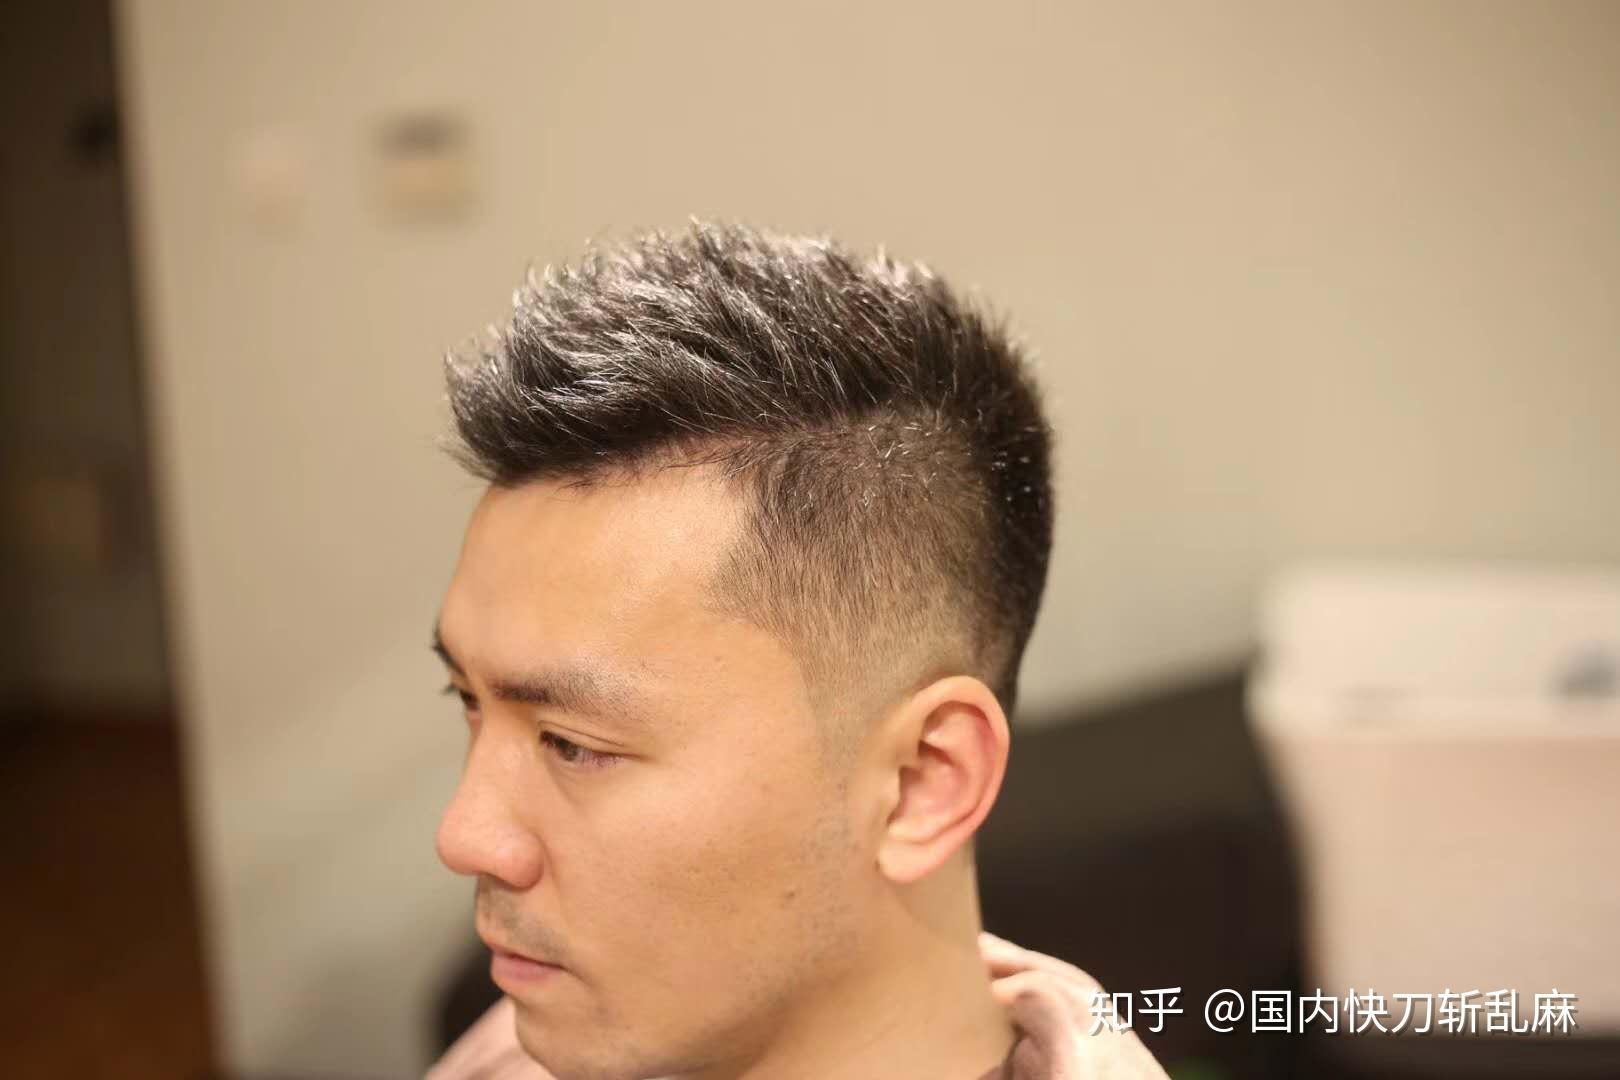 今年流行发型_2019男士发型流行 - 知乎